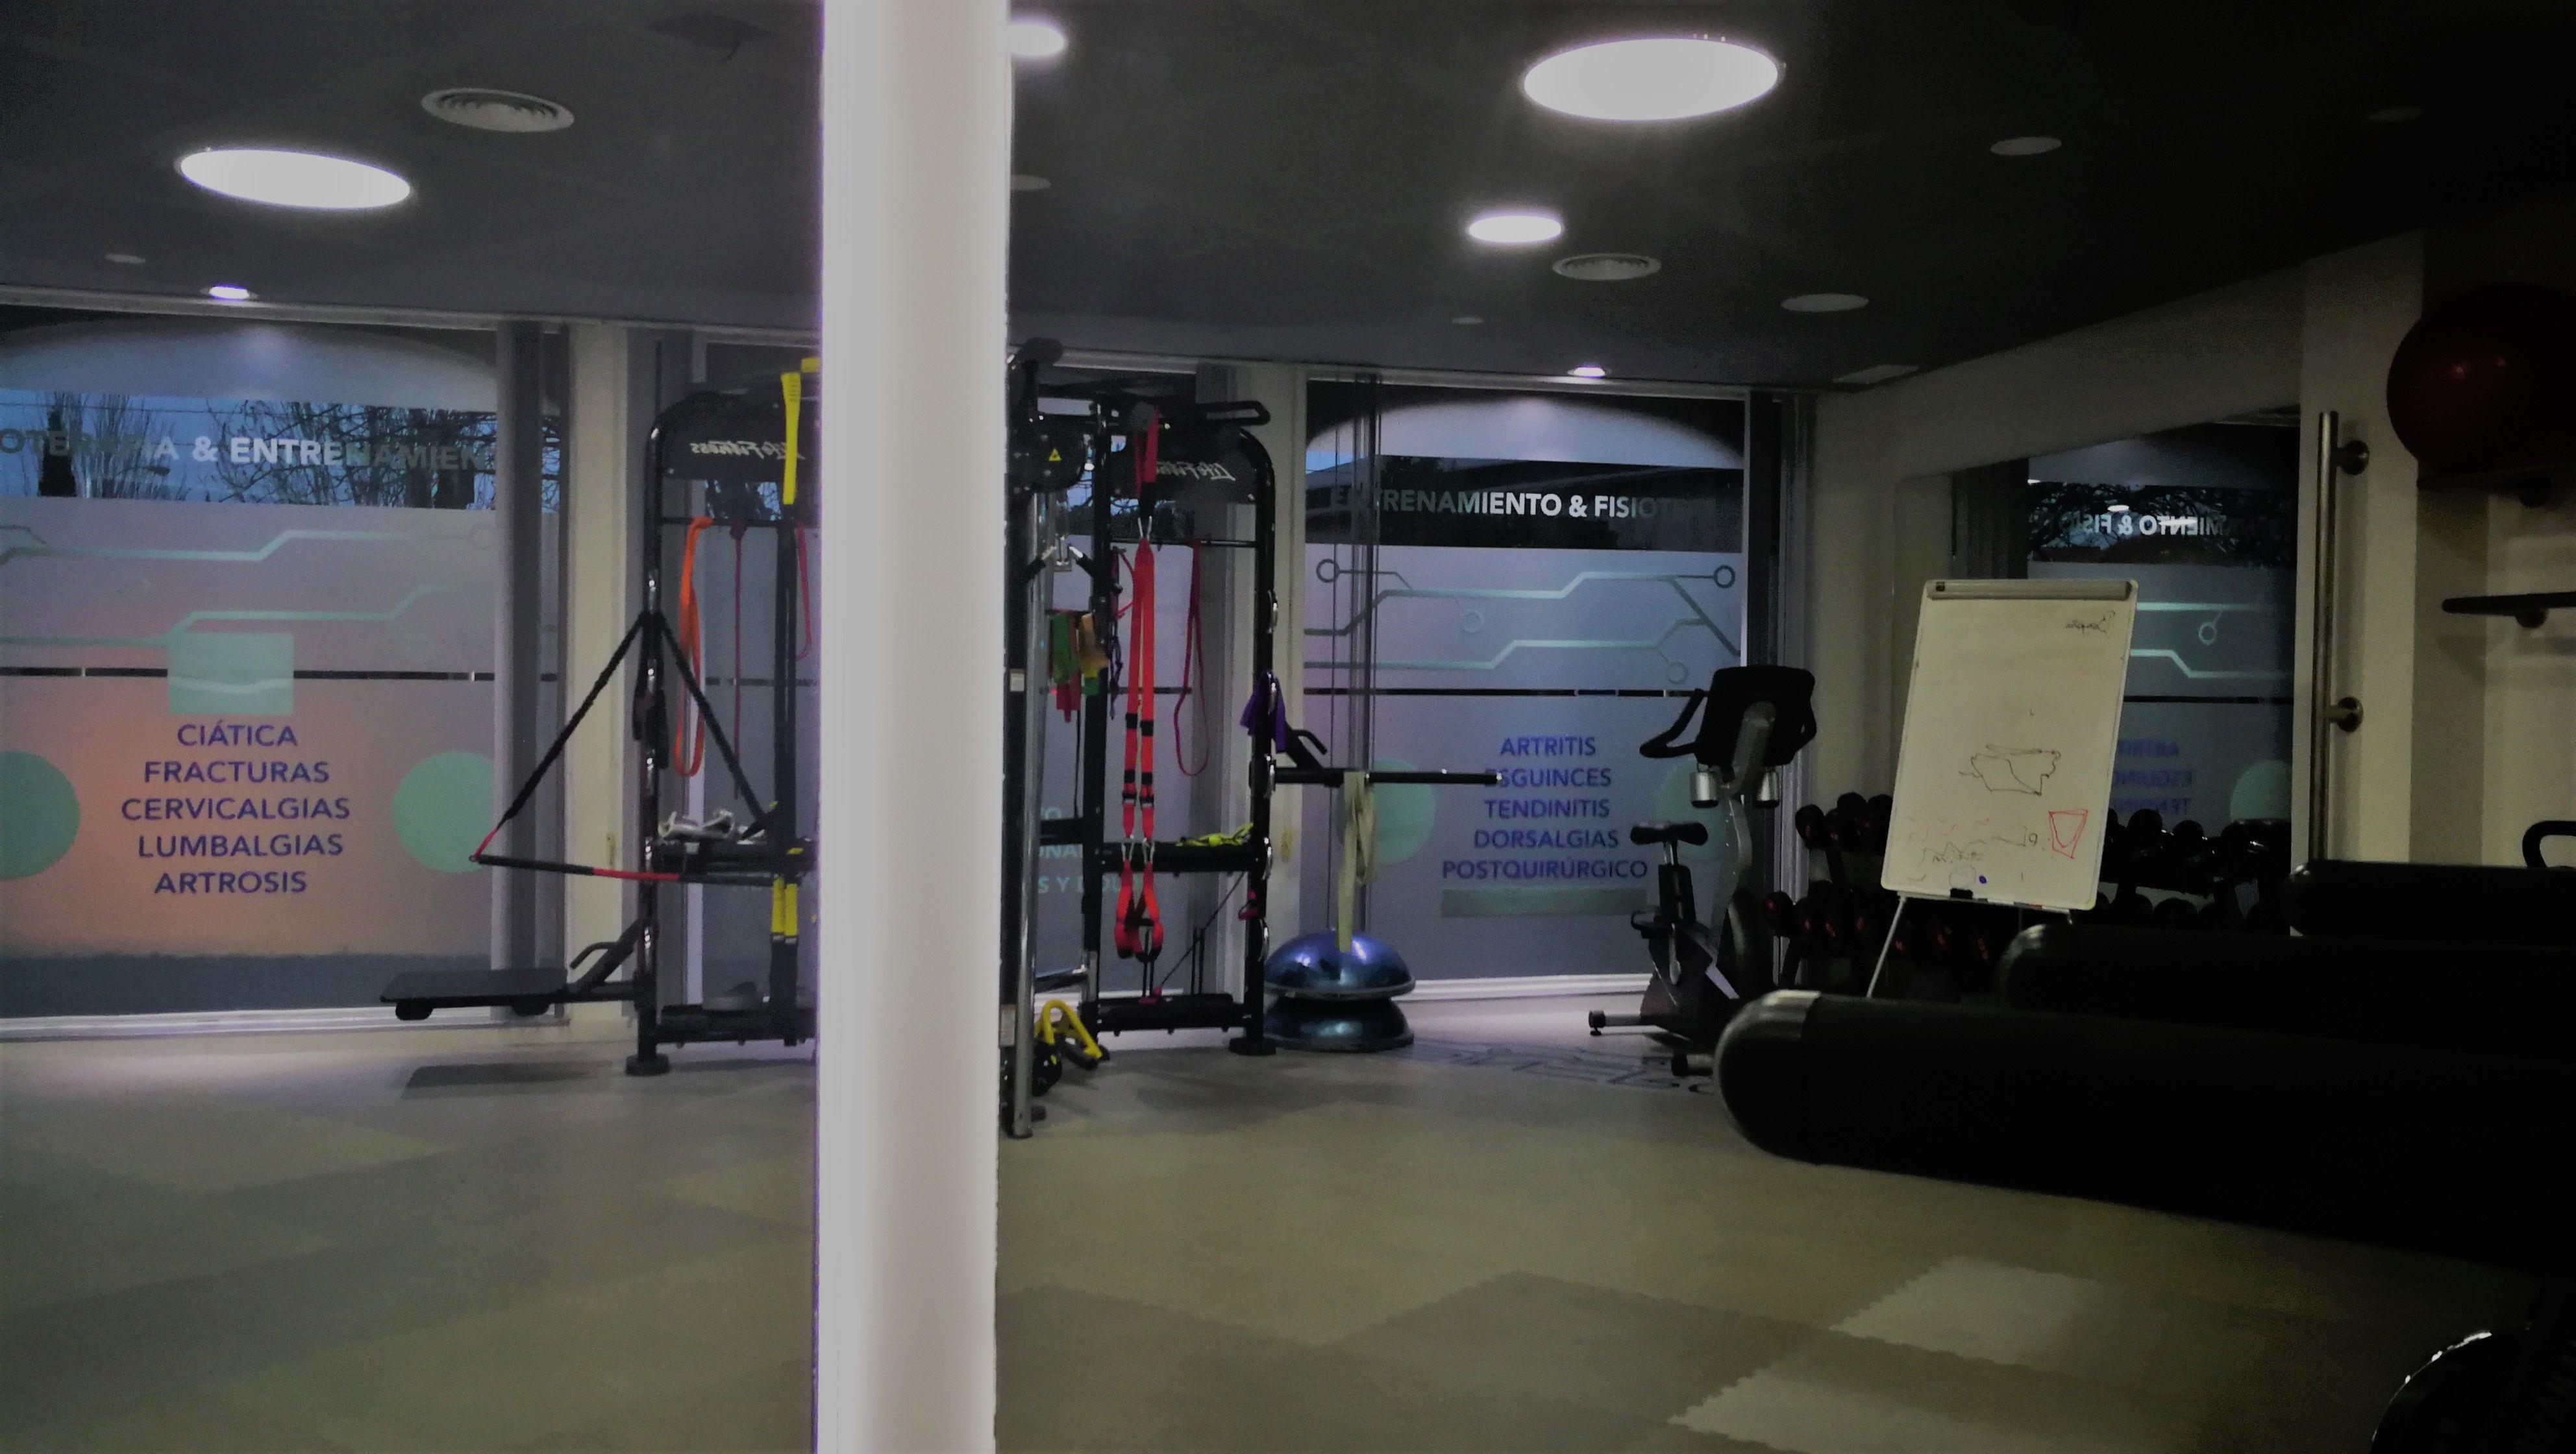 Amplio espacio para el entrenamiento